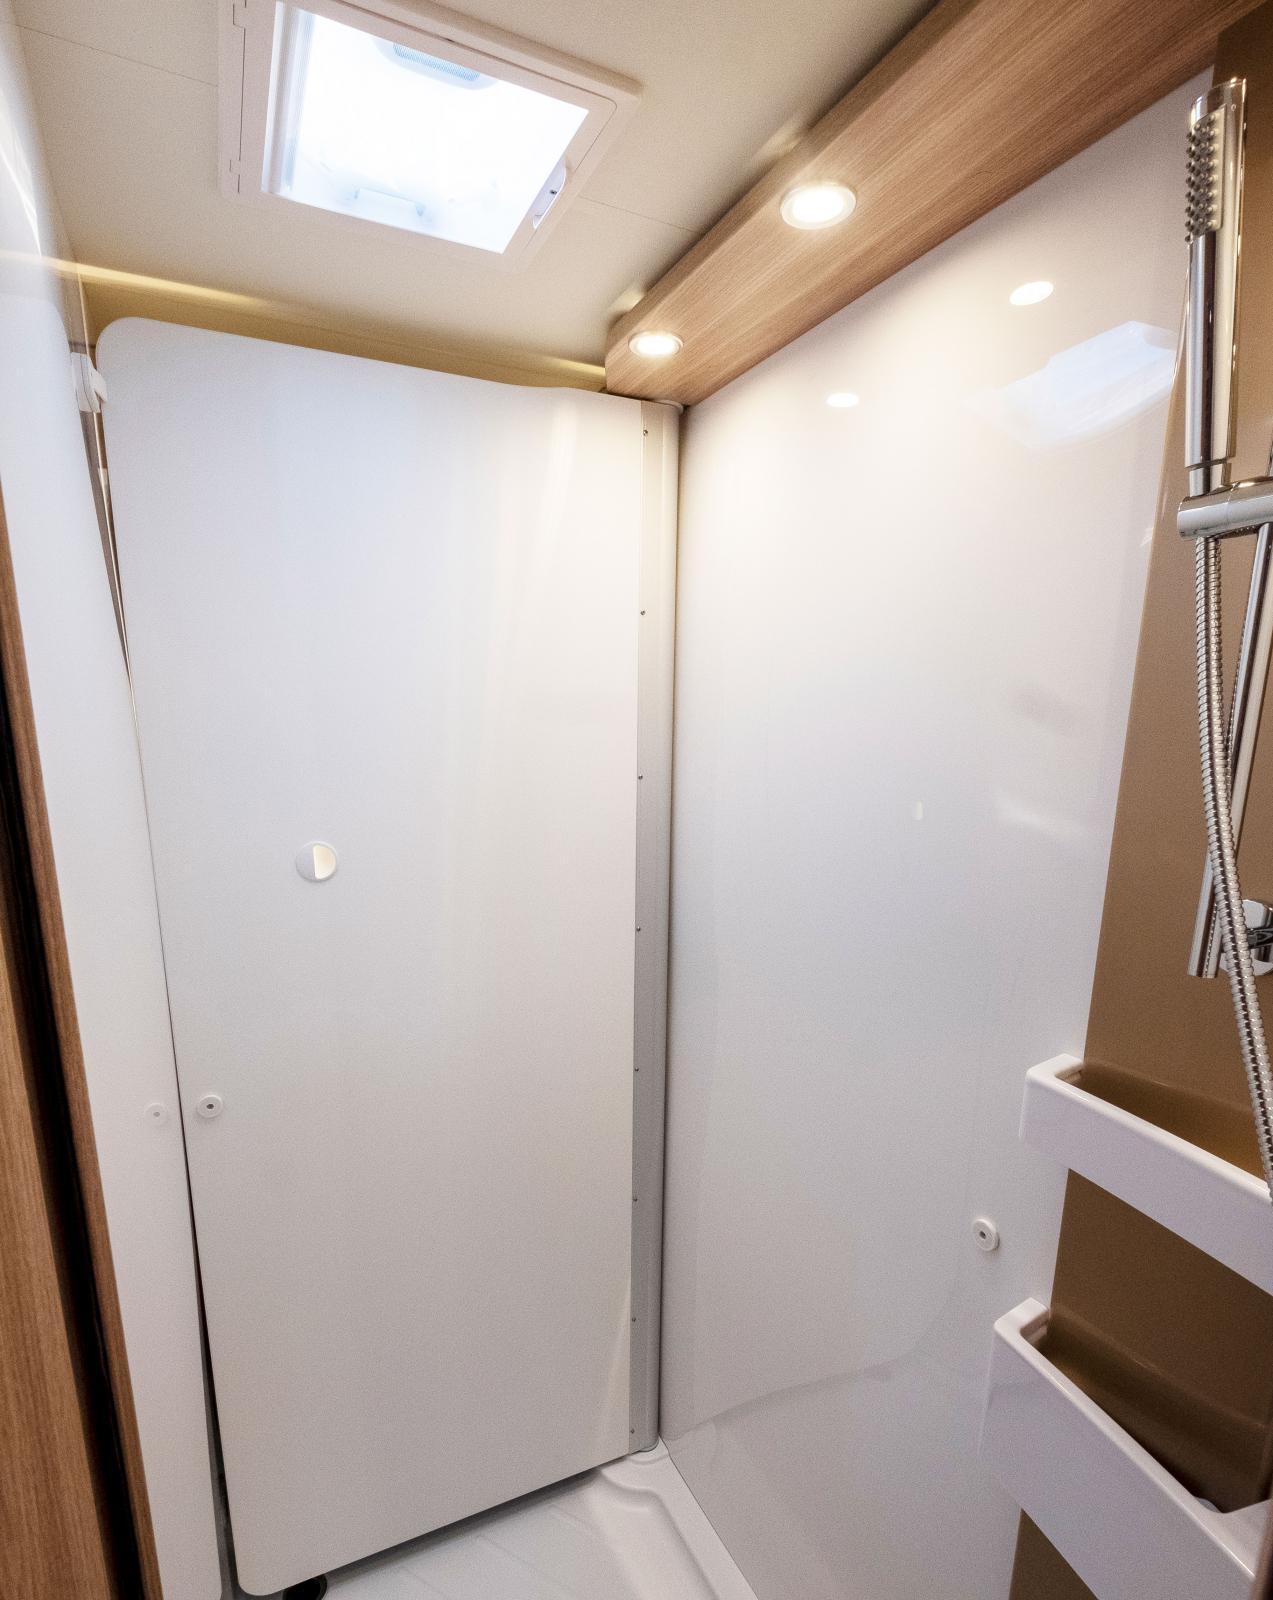 Genom att lösgöra väggen med handfatet och vrida det över toaletten omvandlas utrymmet till en rymlig dusckabin.